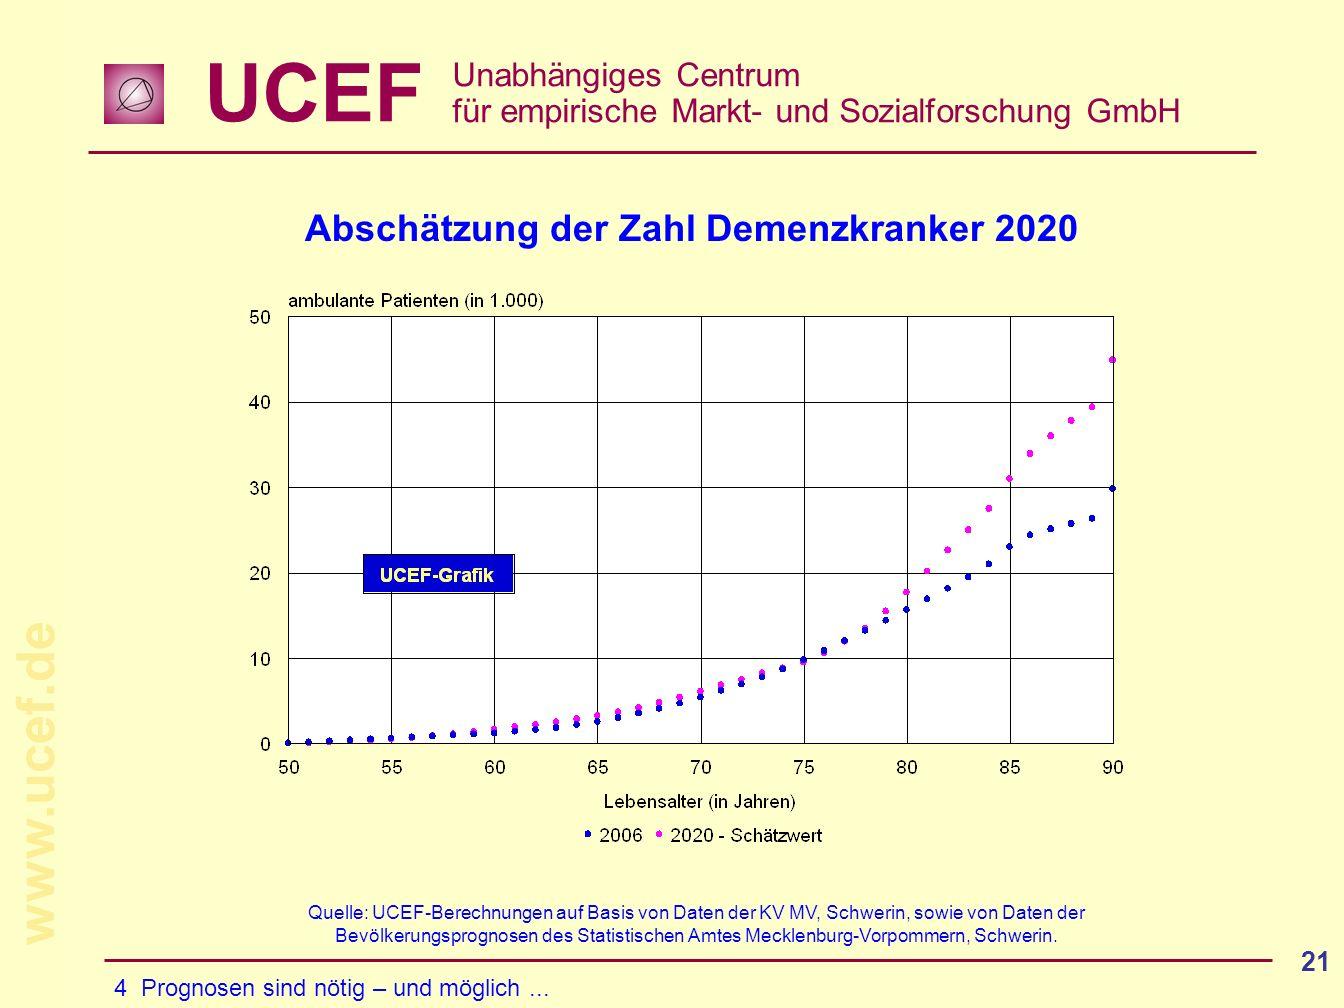 UCEF Unabhängiges Centrum für empirische Markt- und Sozialforschung GmbH www.ucef.de 21 Abschätzung der Zahl Demenzkranker 2020 4 Prognosen sind nötig – und möglich...